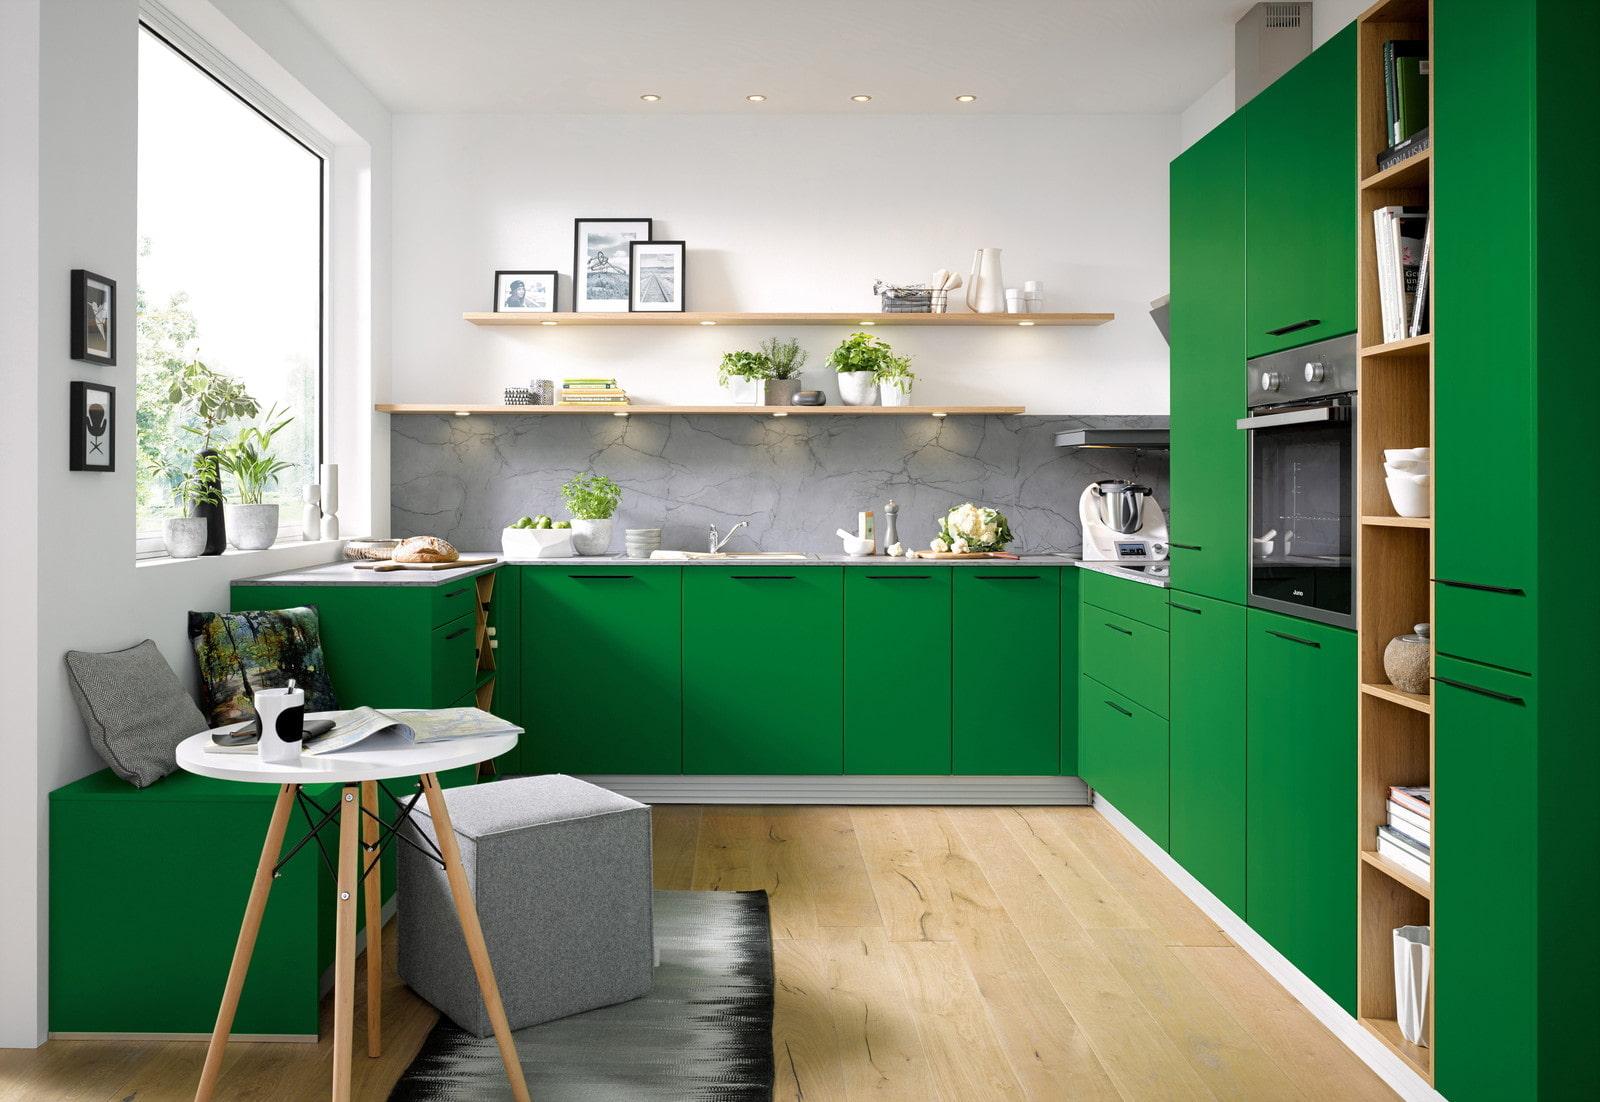 говорить, что картинки дизайн кухни в зеленом цвете элементом художник